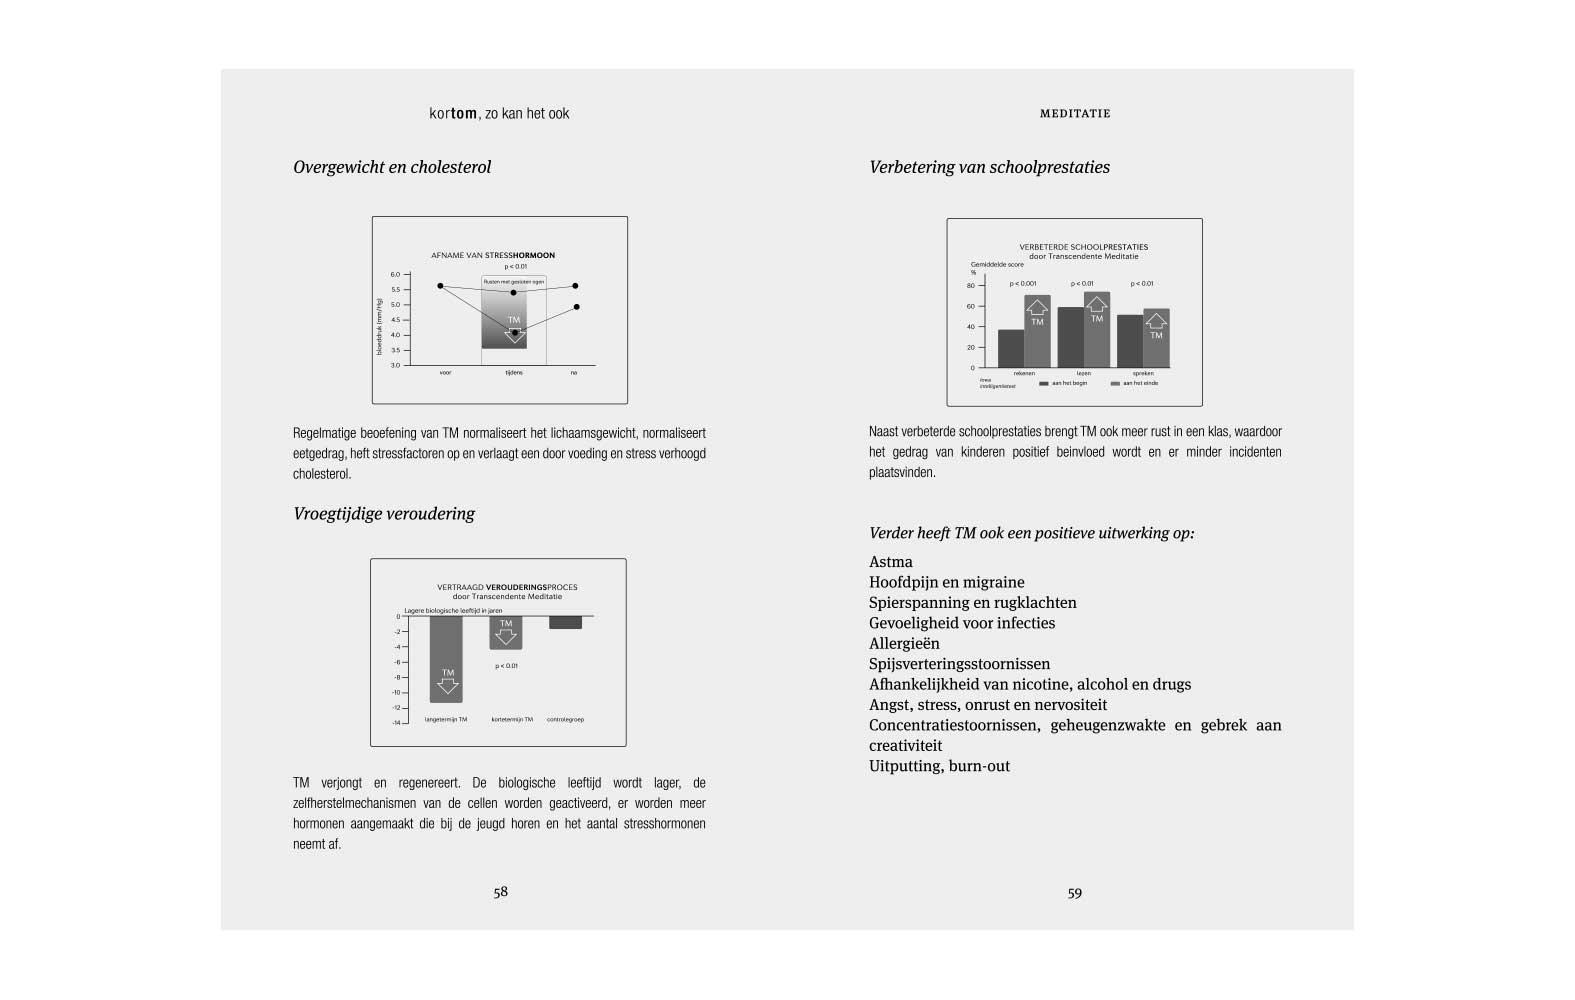 StudioErnst-TomTichelaar-boek-Zokanhetook-5859